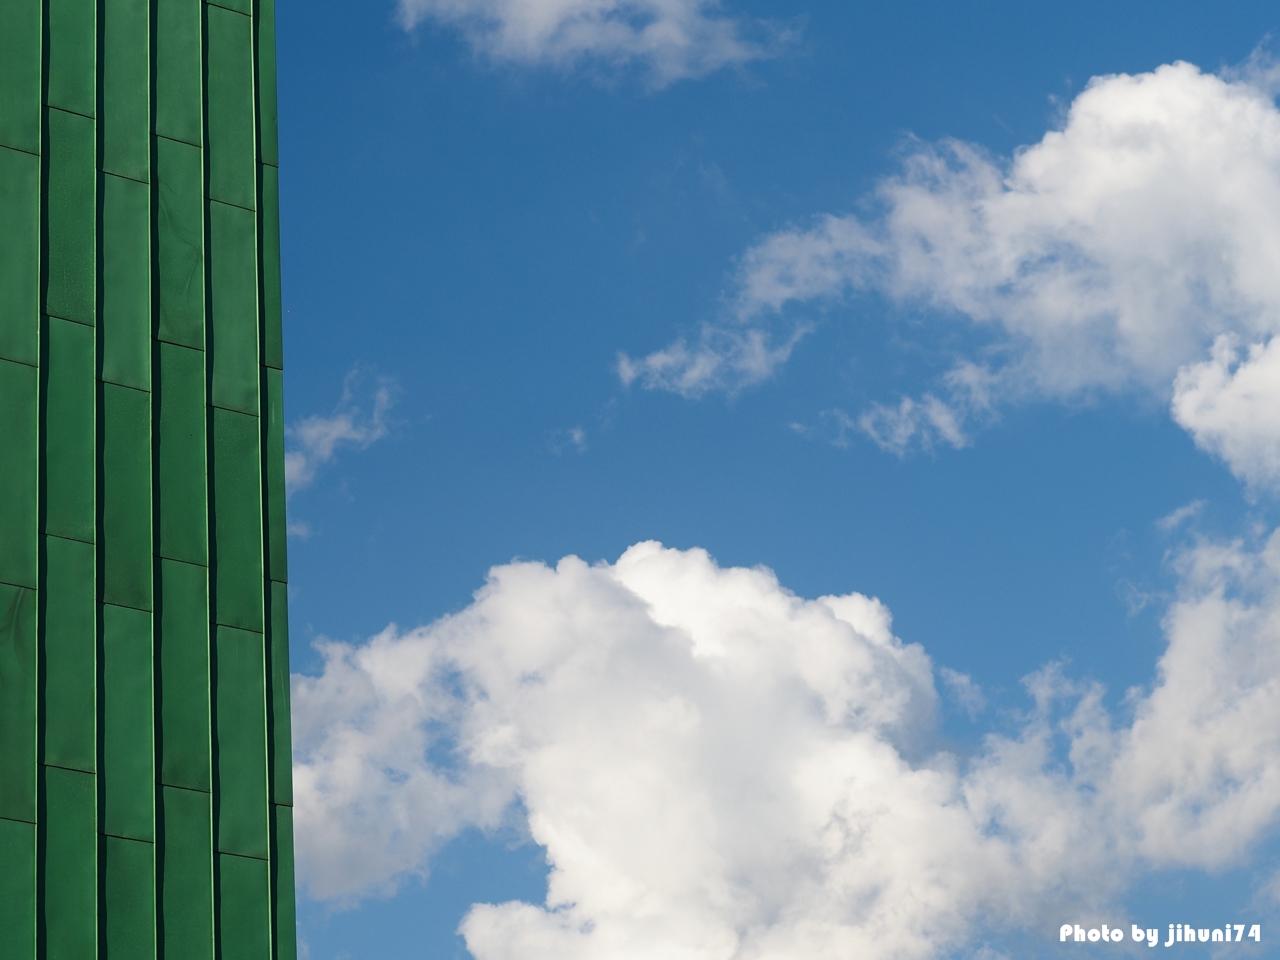 [시선] 가을 하늘아래 요트가 함께 하는 풍경